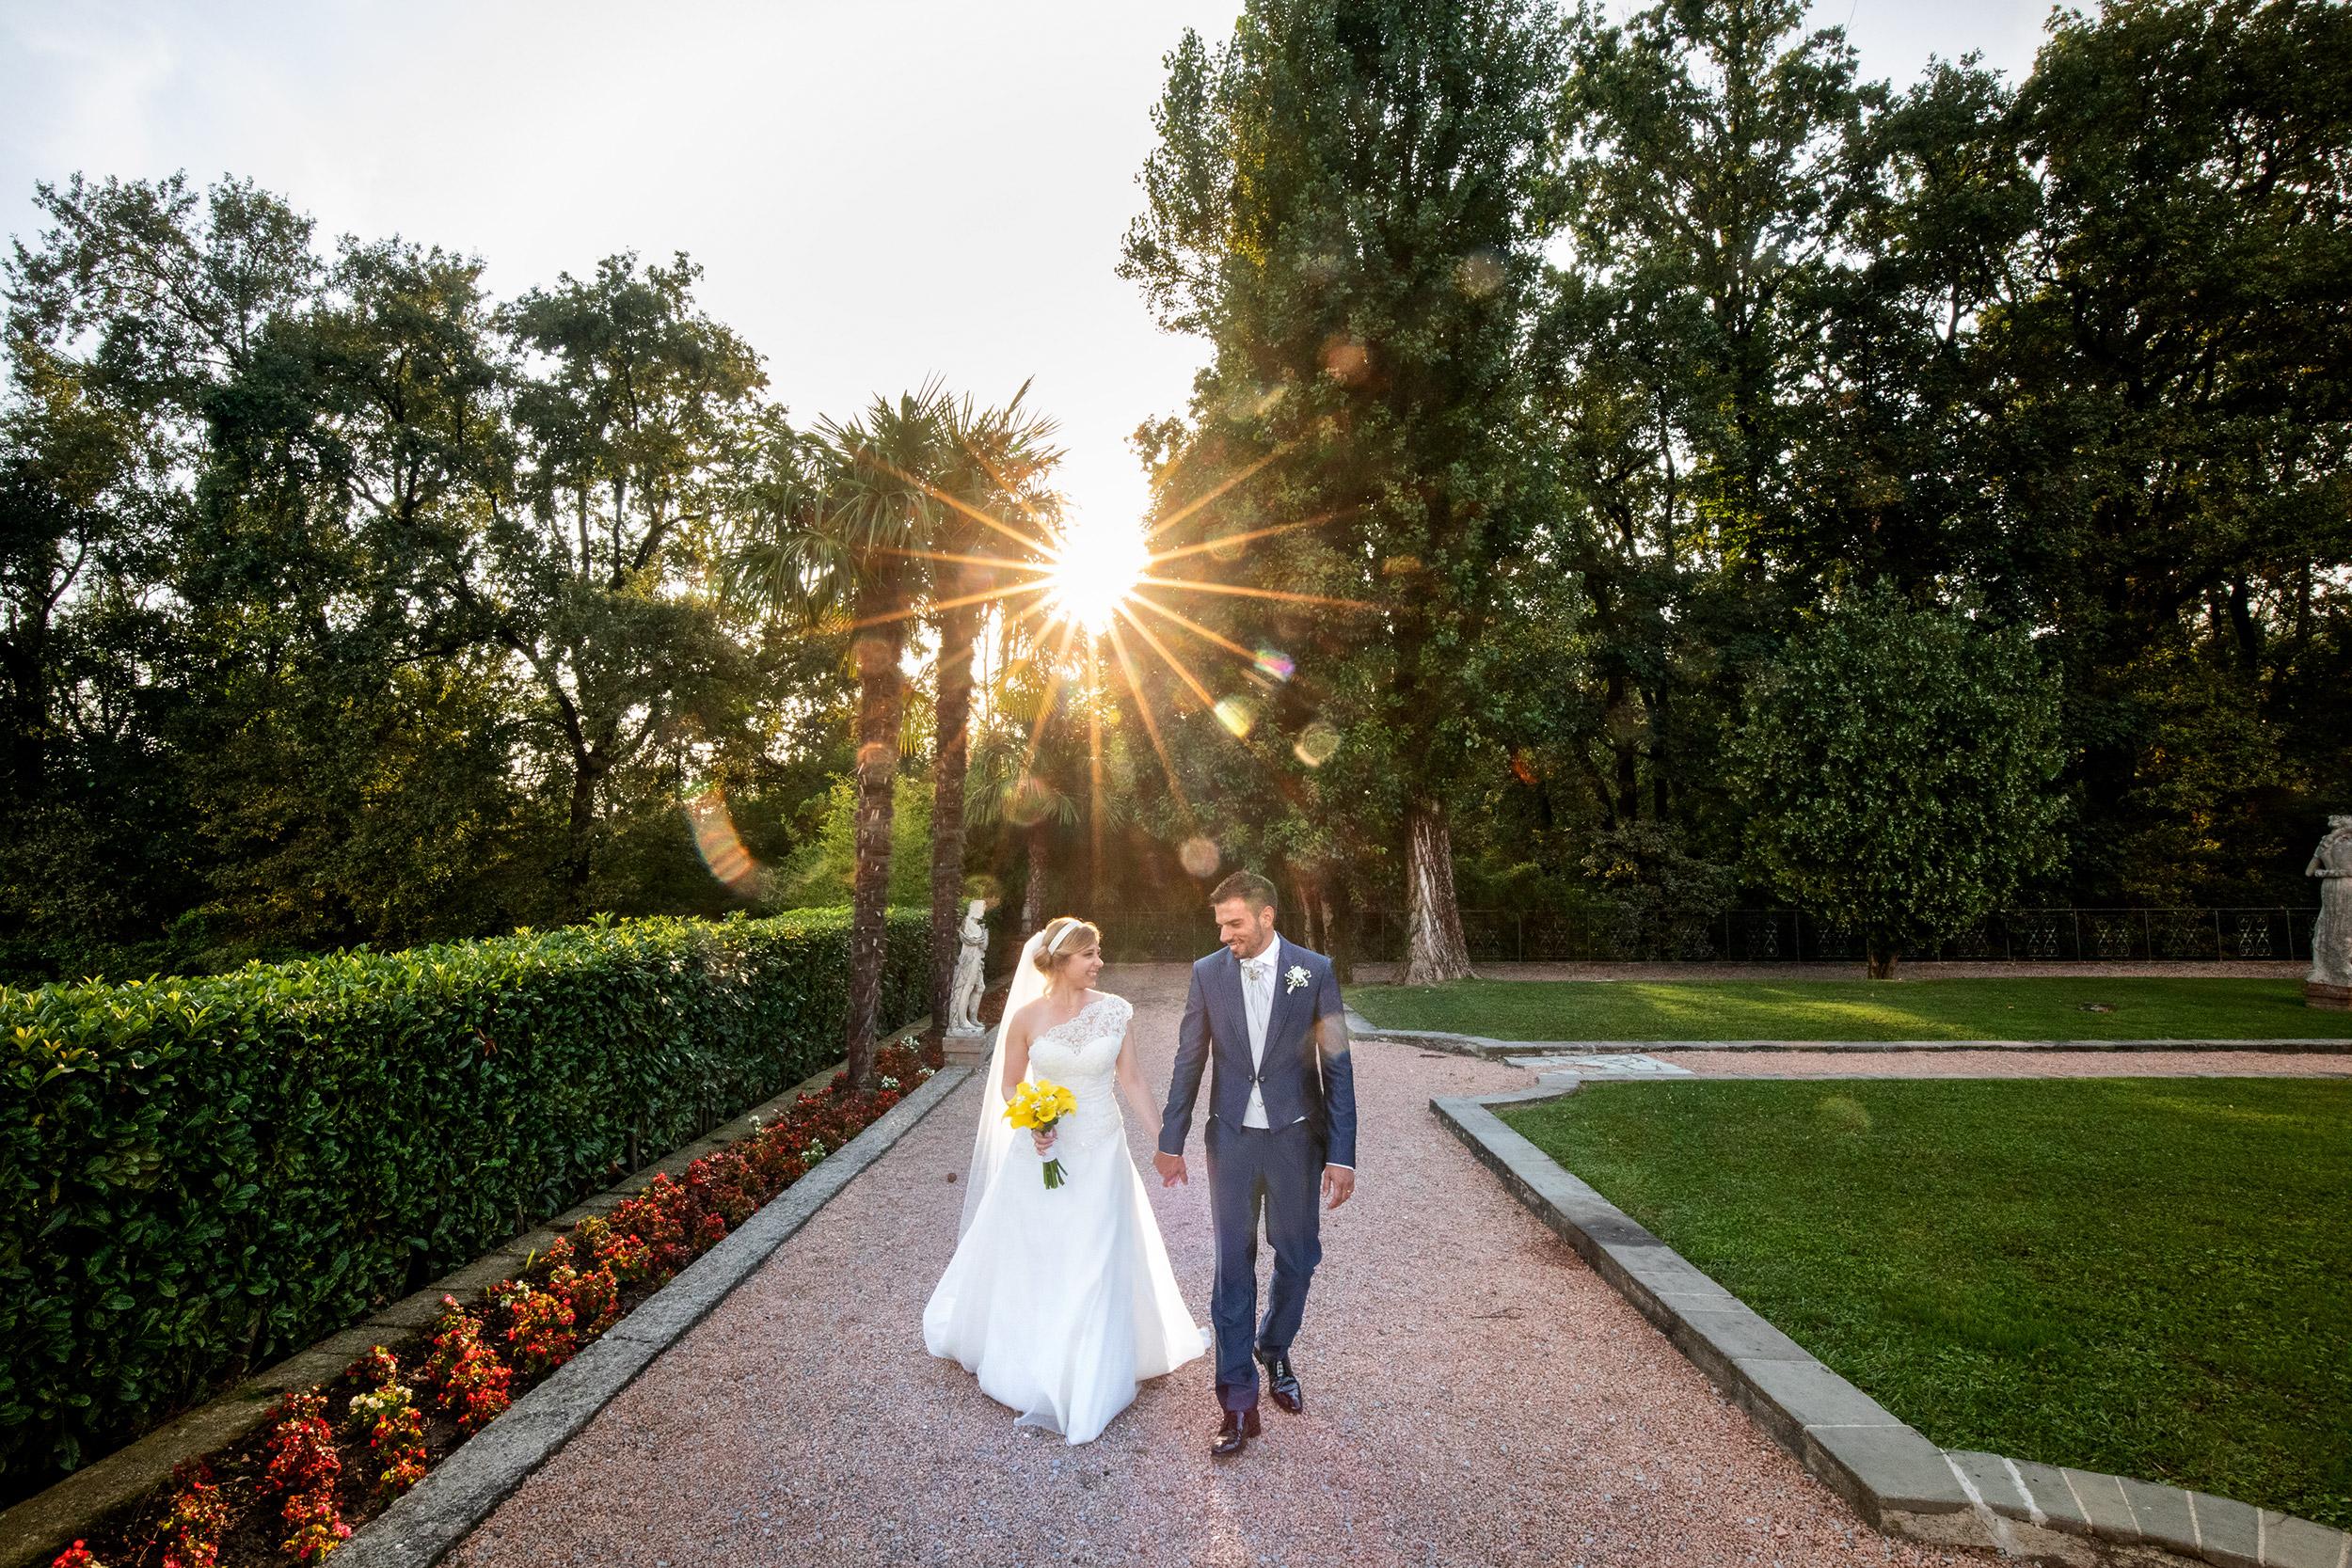 000 reportage wedding sposi foto matrimonio villa martinelli mapello bergamo 1